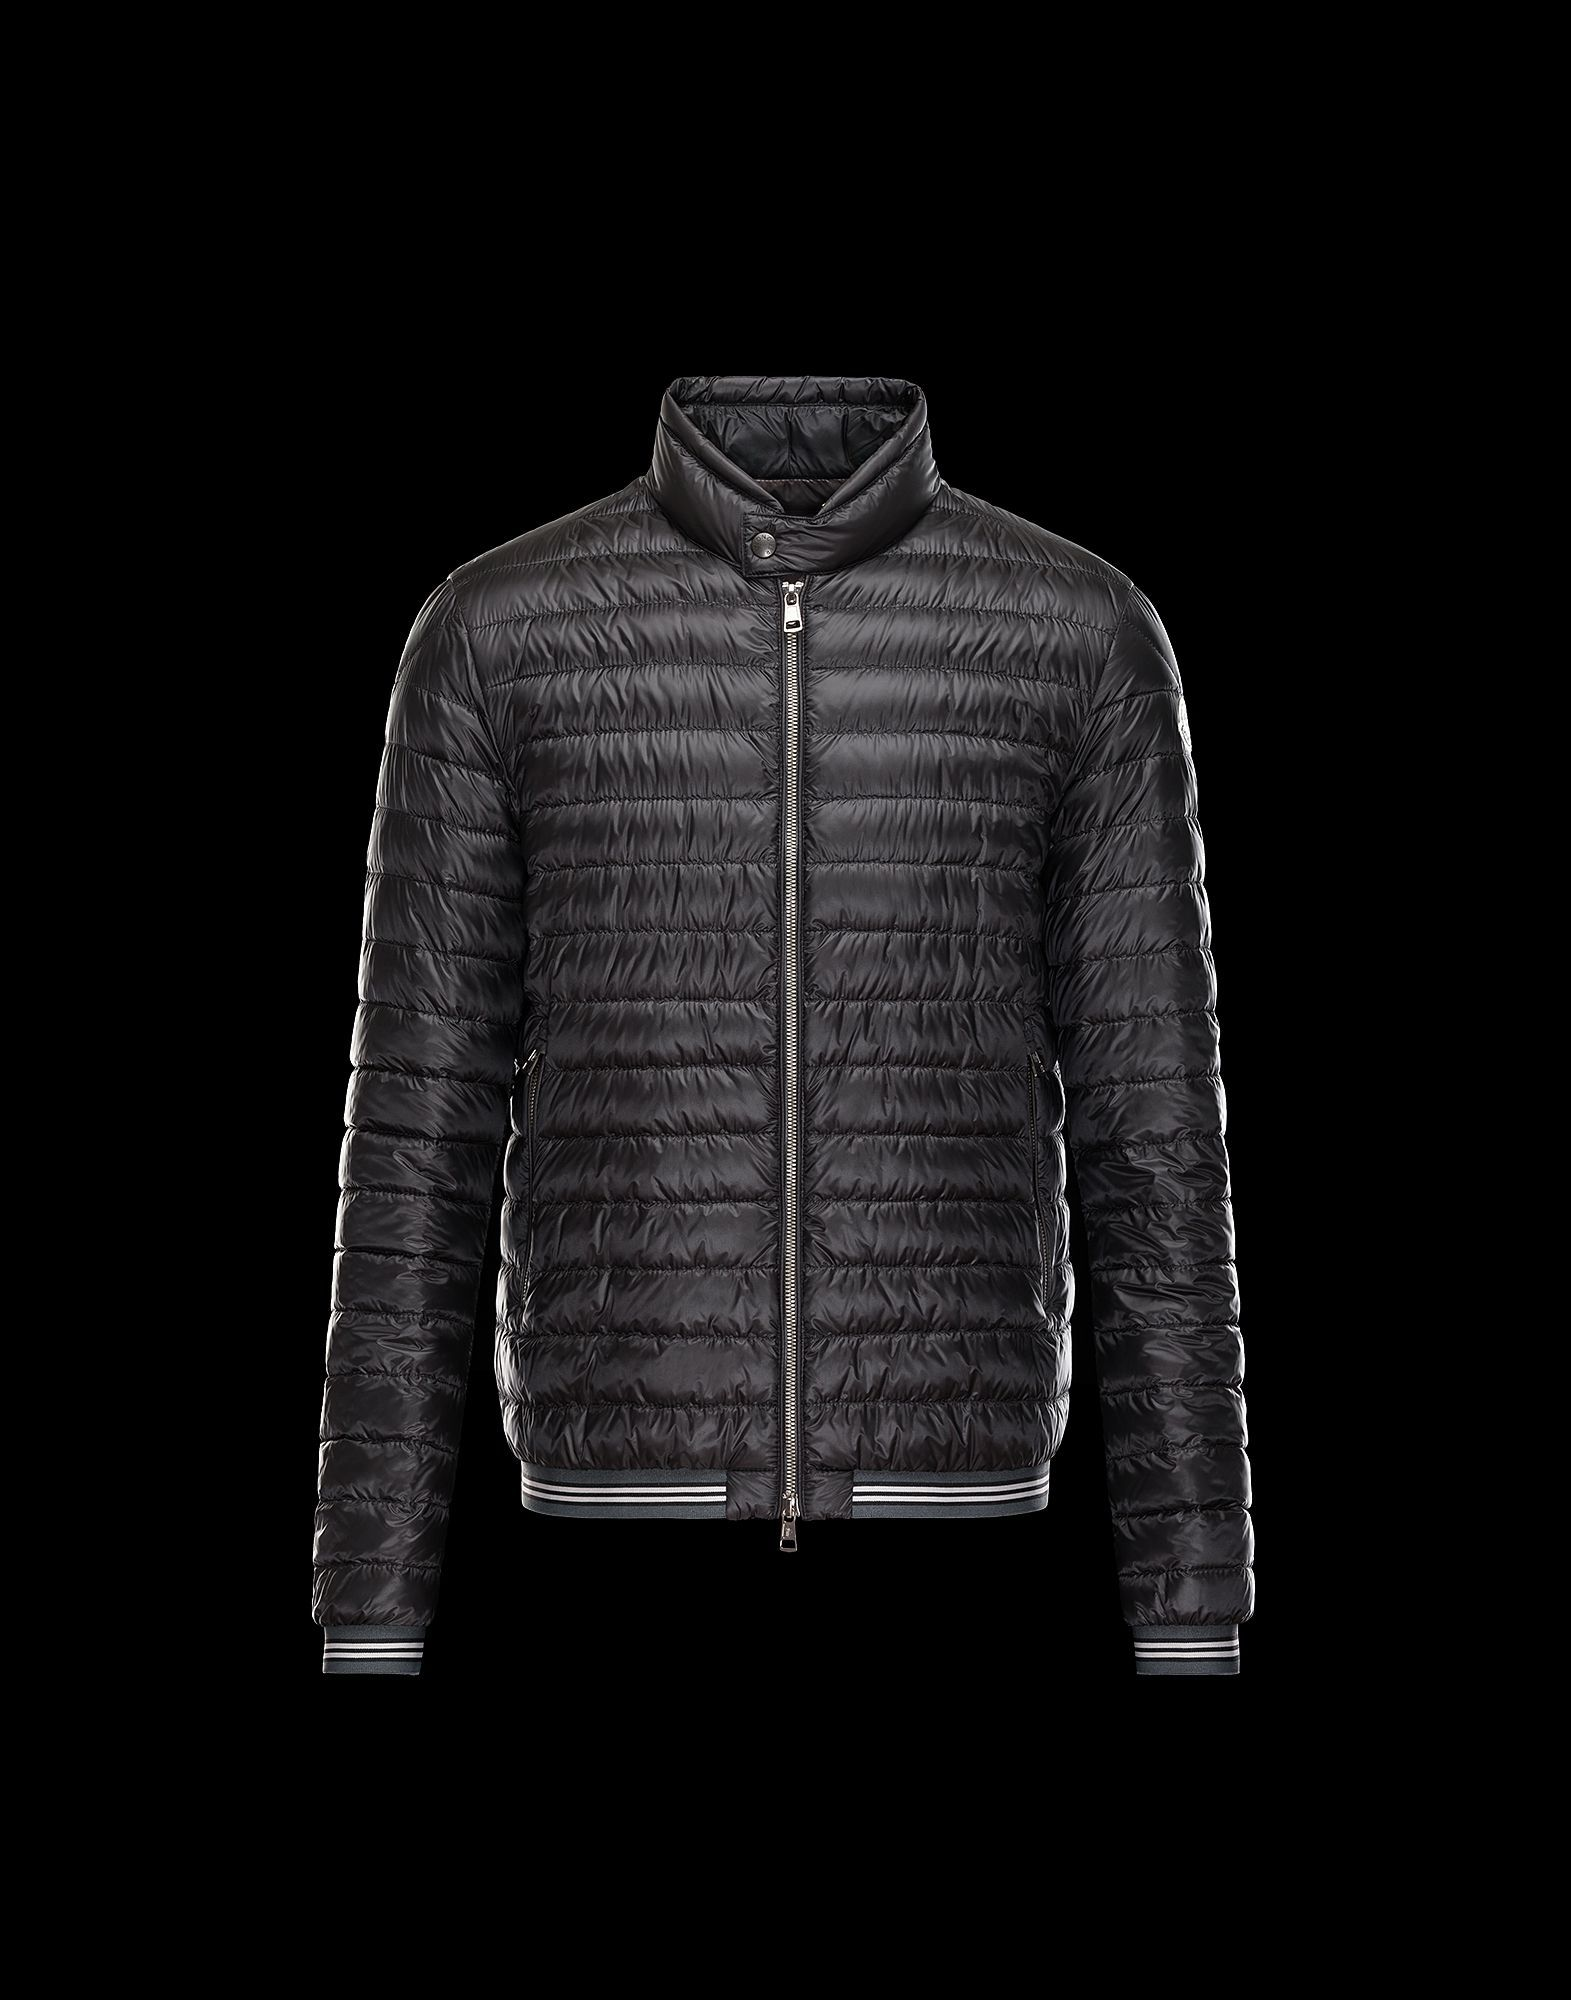 moncler jacket black mens